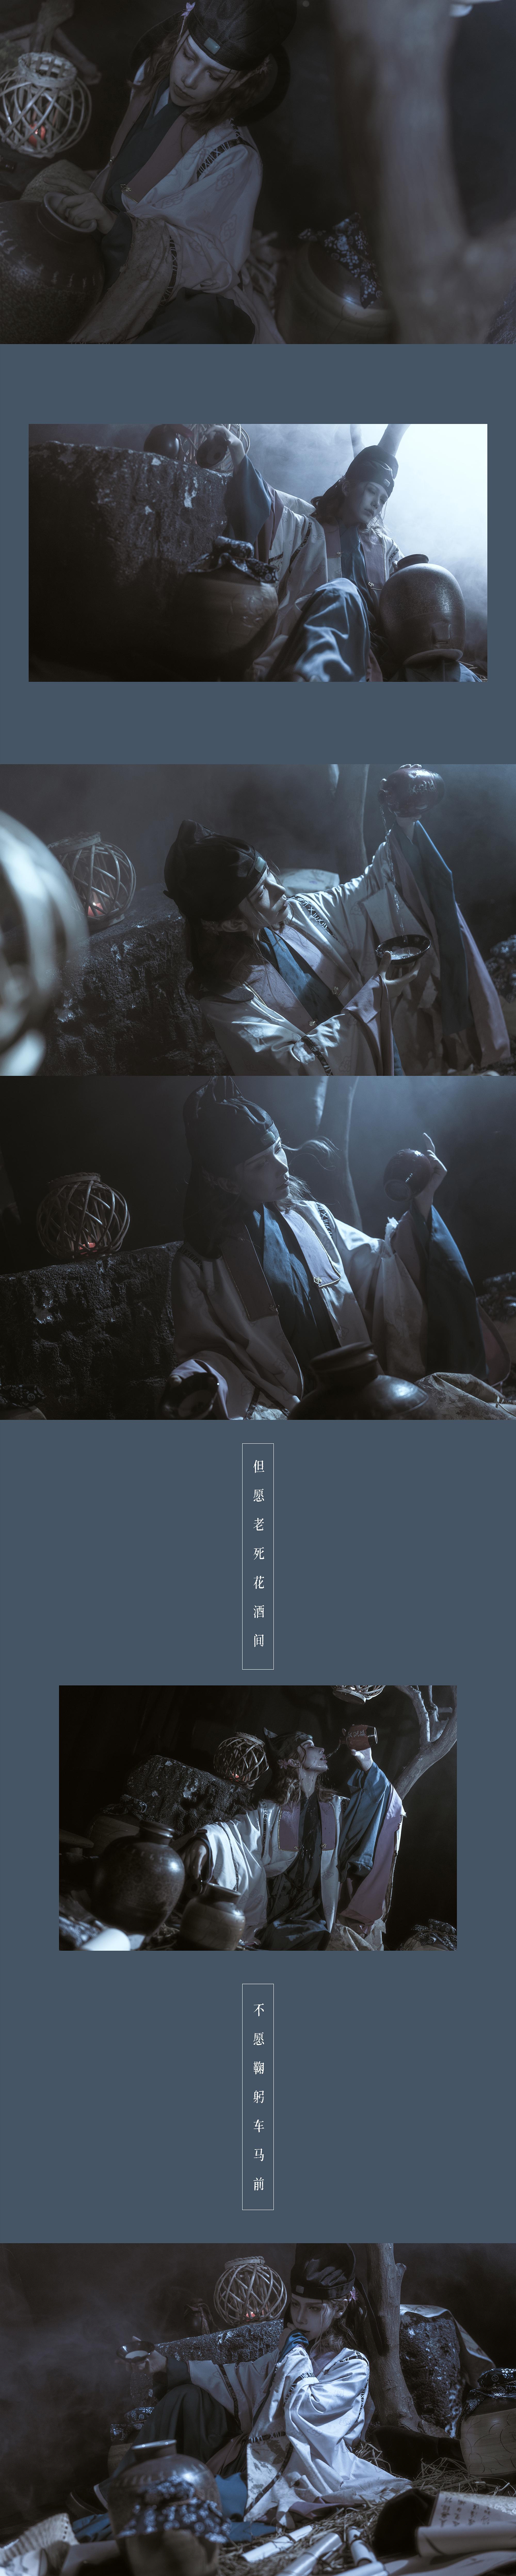 《江南百景图》-第9张